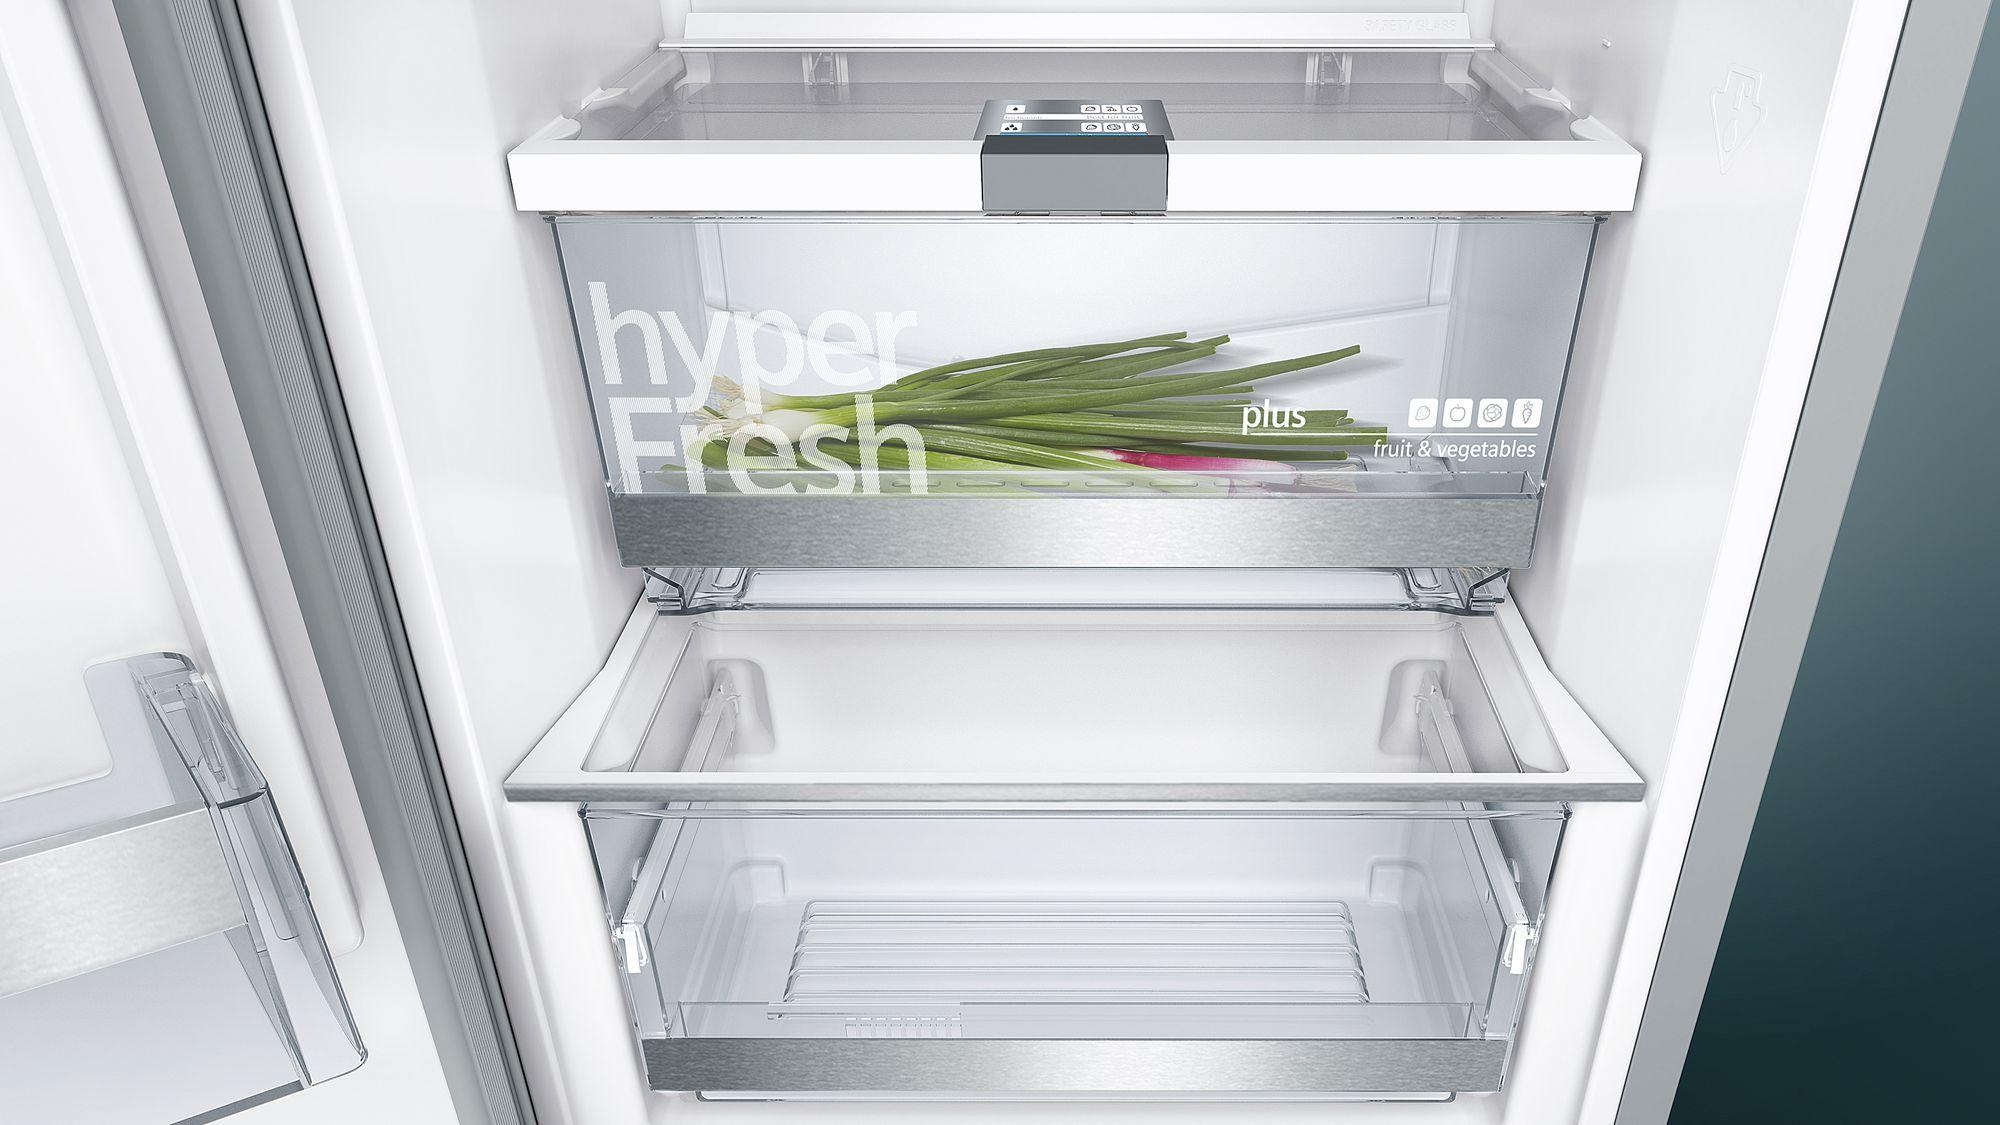 Siemens Kühlschrank Garantie : Siemens stand kühlschrank iq türen edelstahl antifingerprint